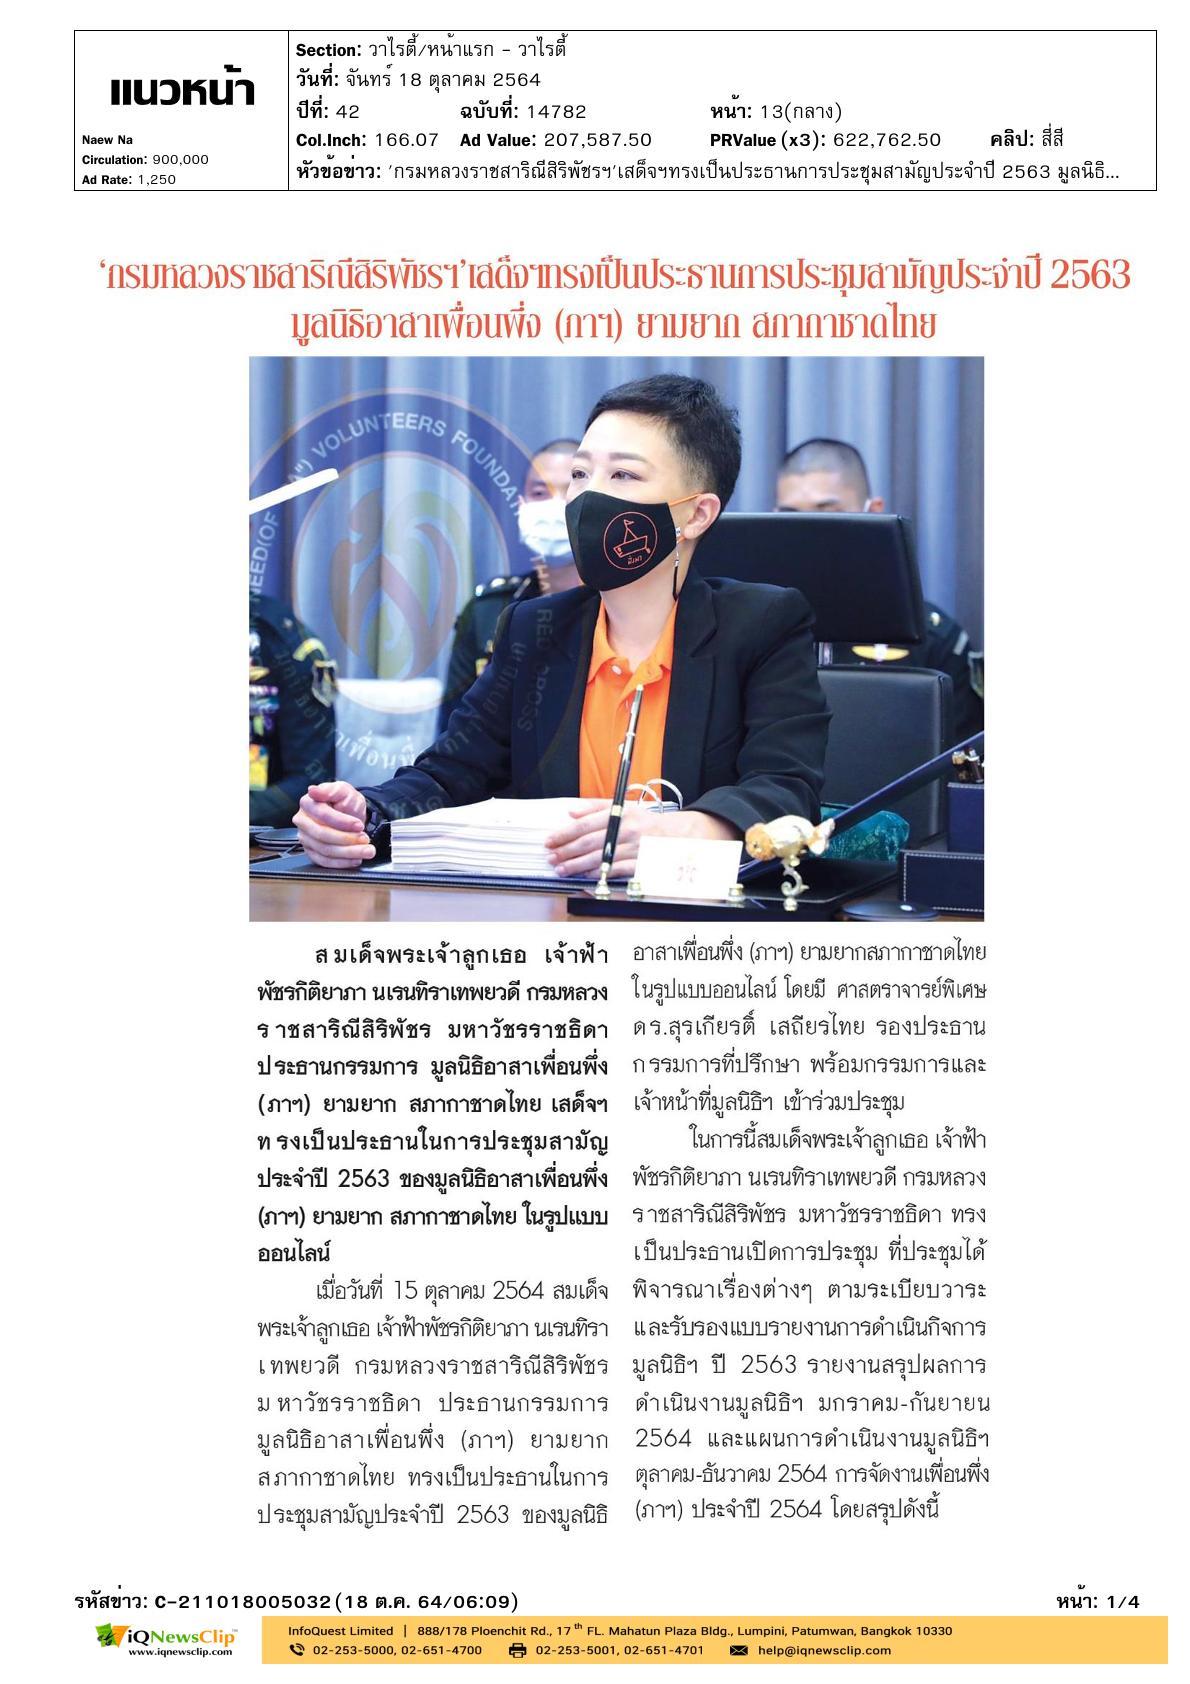 เสด็จฯ เป็นประธานในการประชุมสามัญ ประจำปี 2563